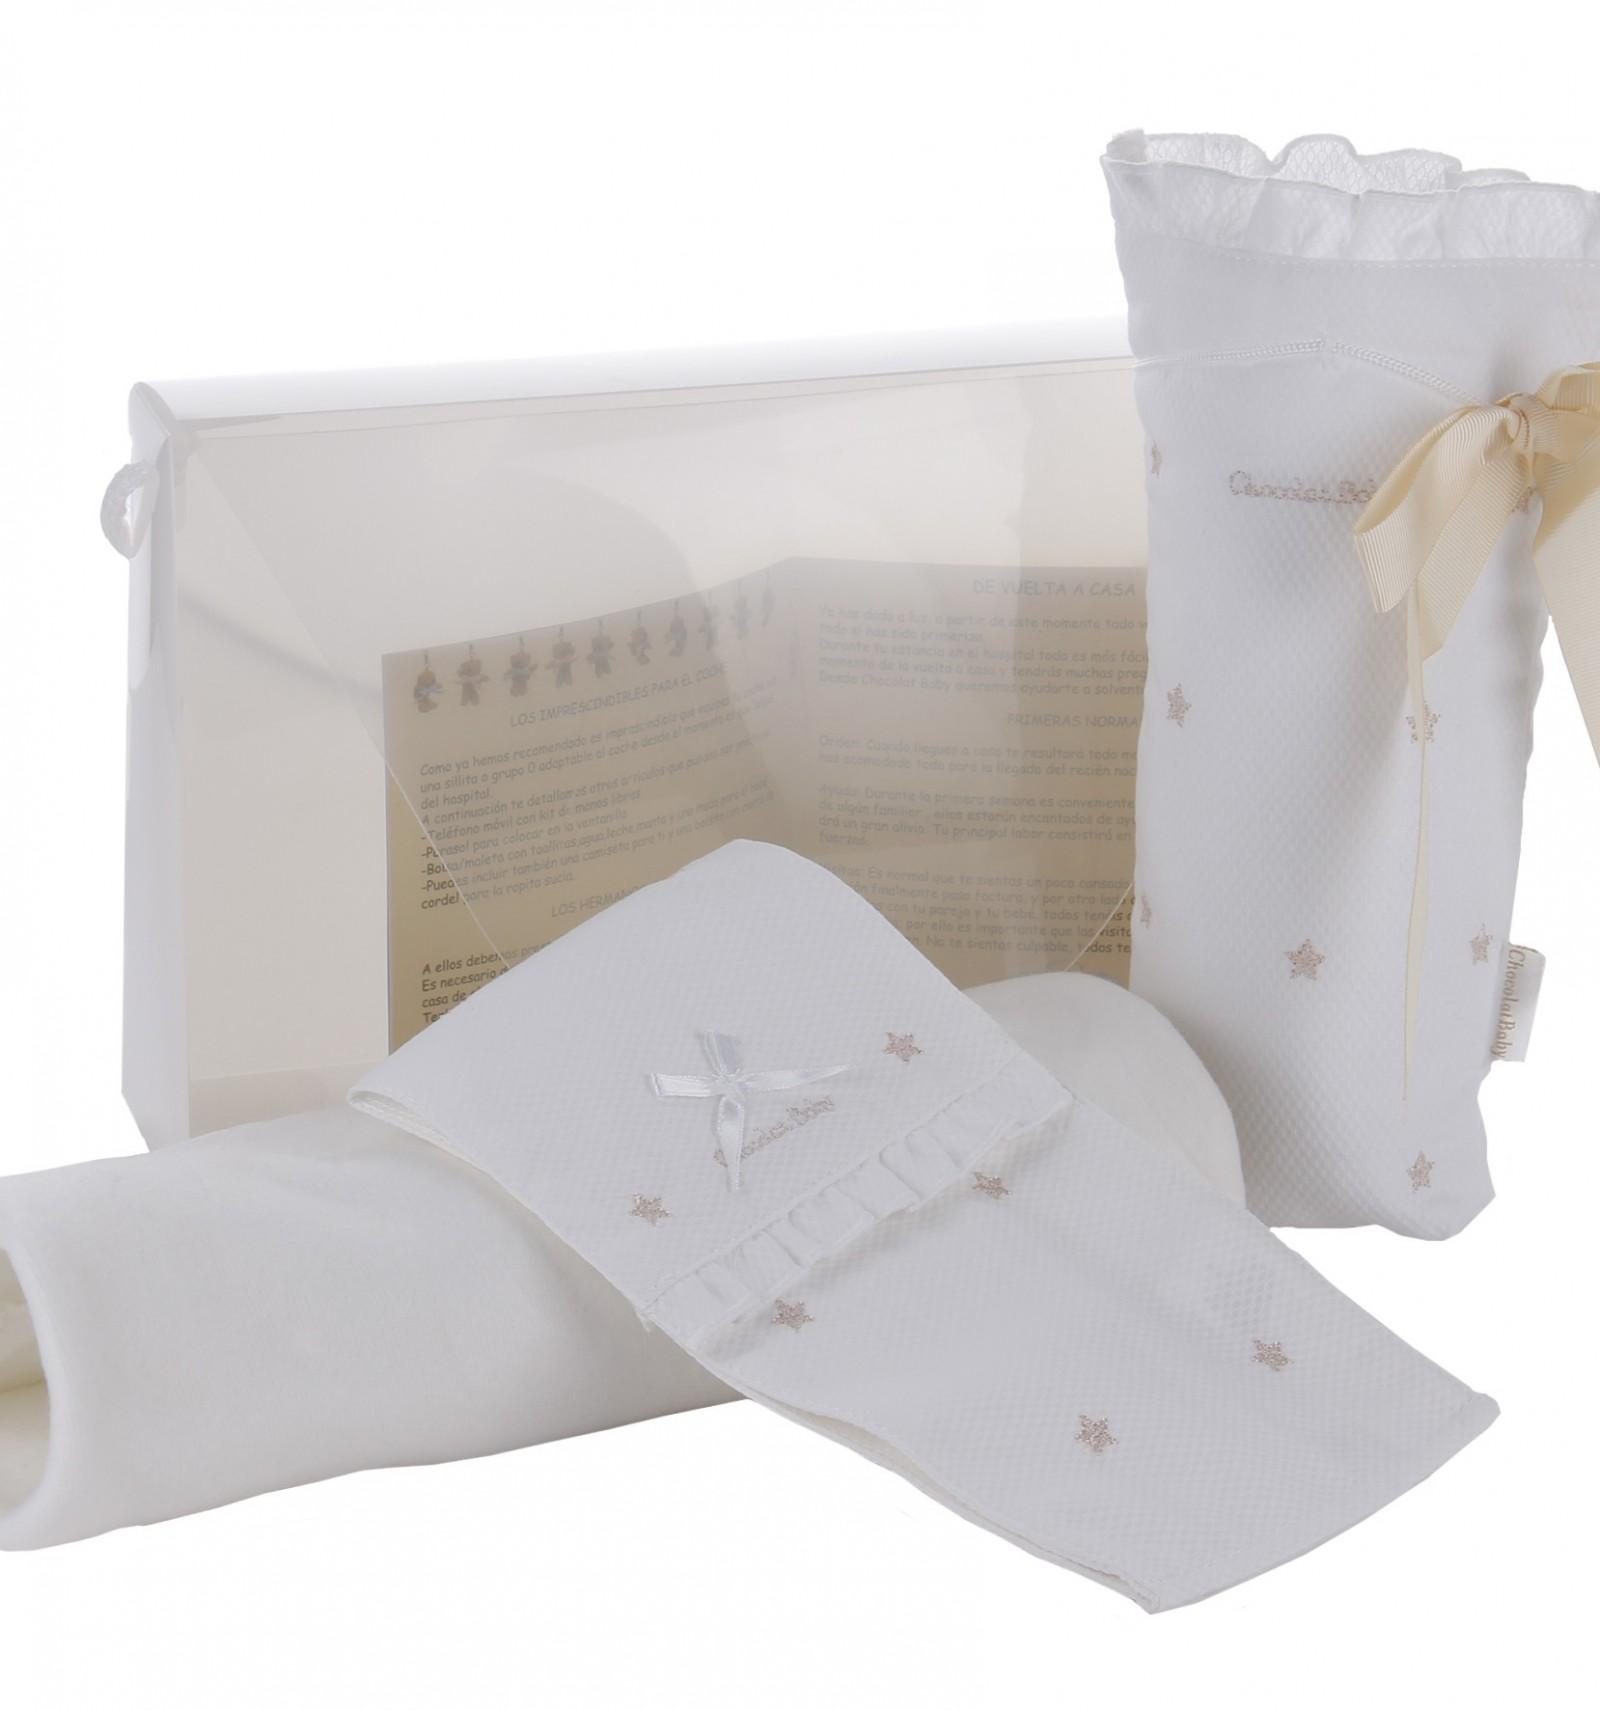 6e10368f8 Maletin de regalo para bebés con portapañal,portabiberon y mantita